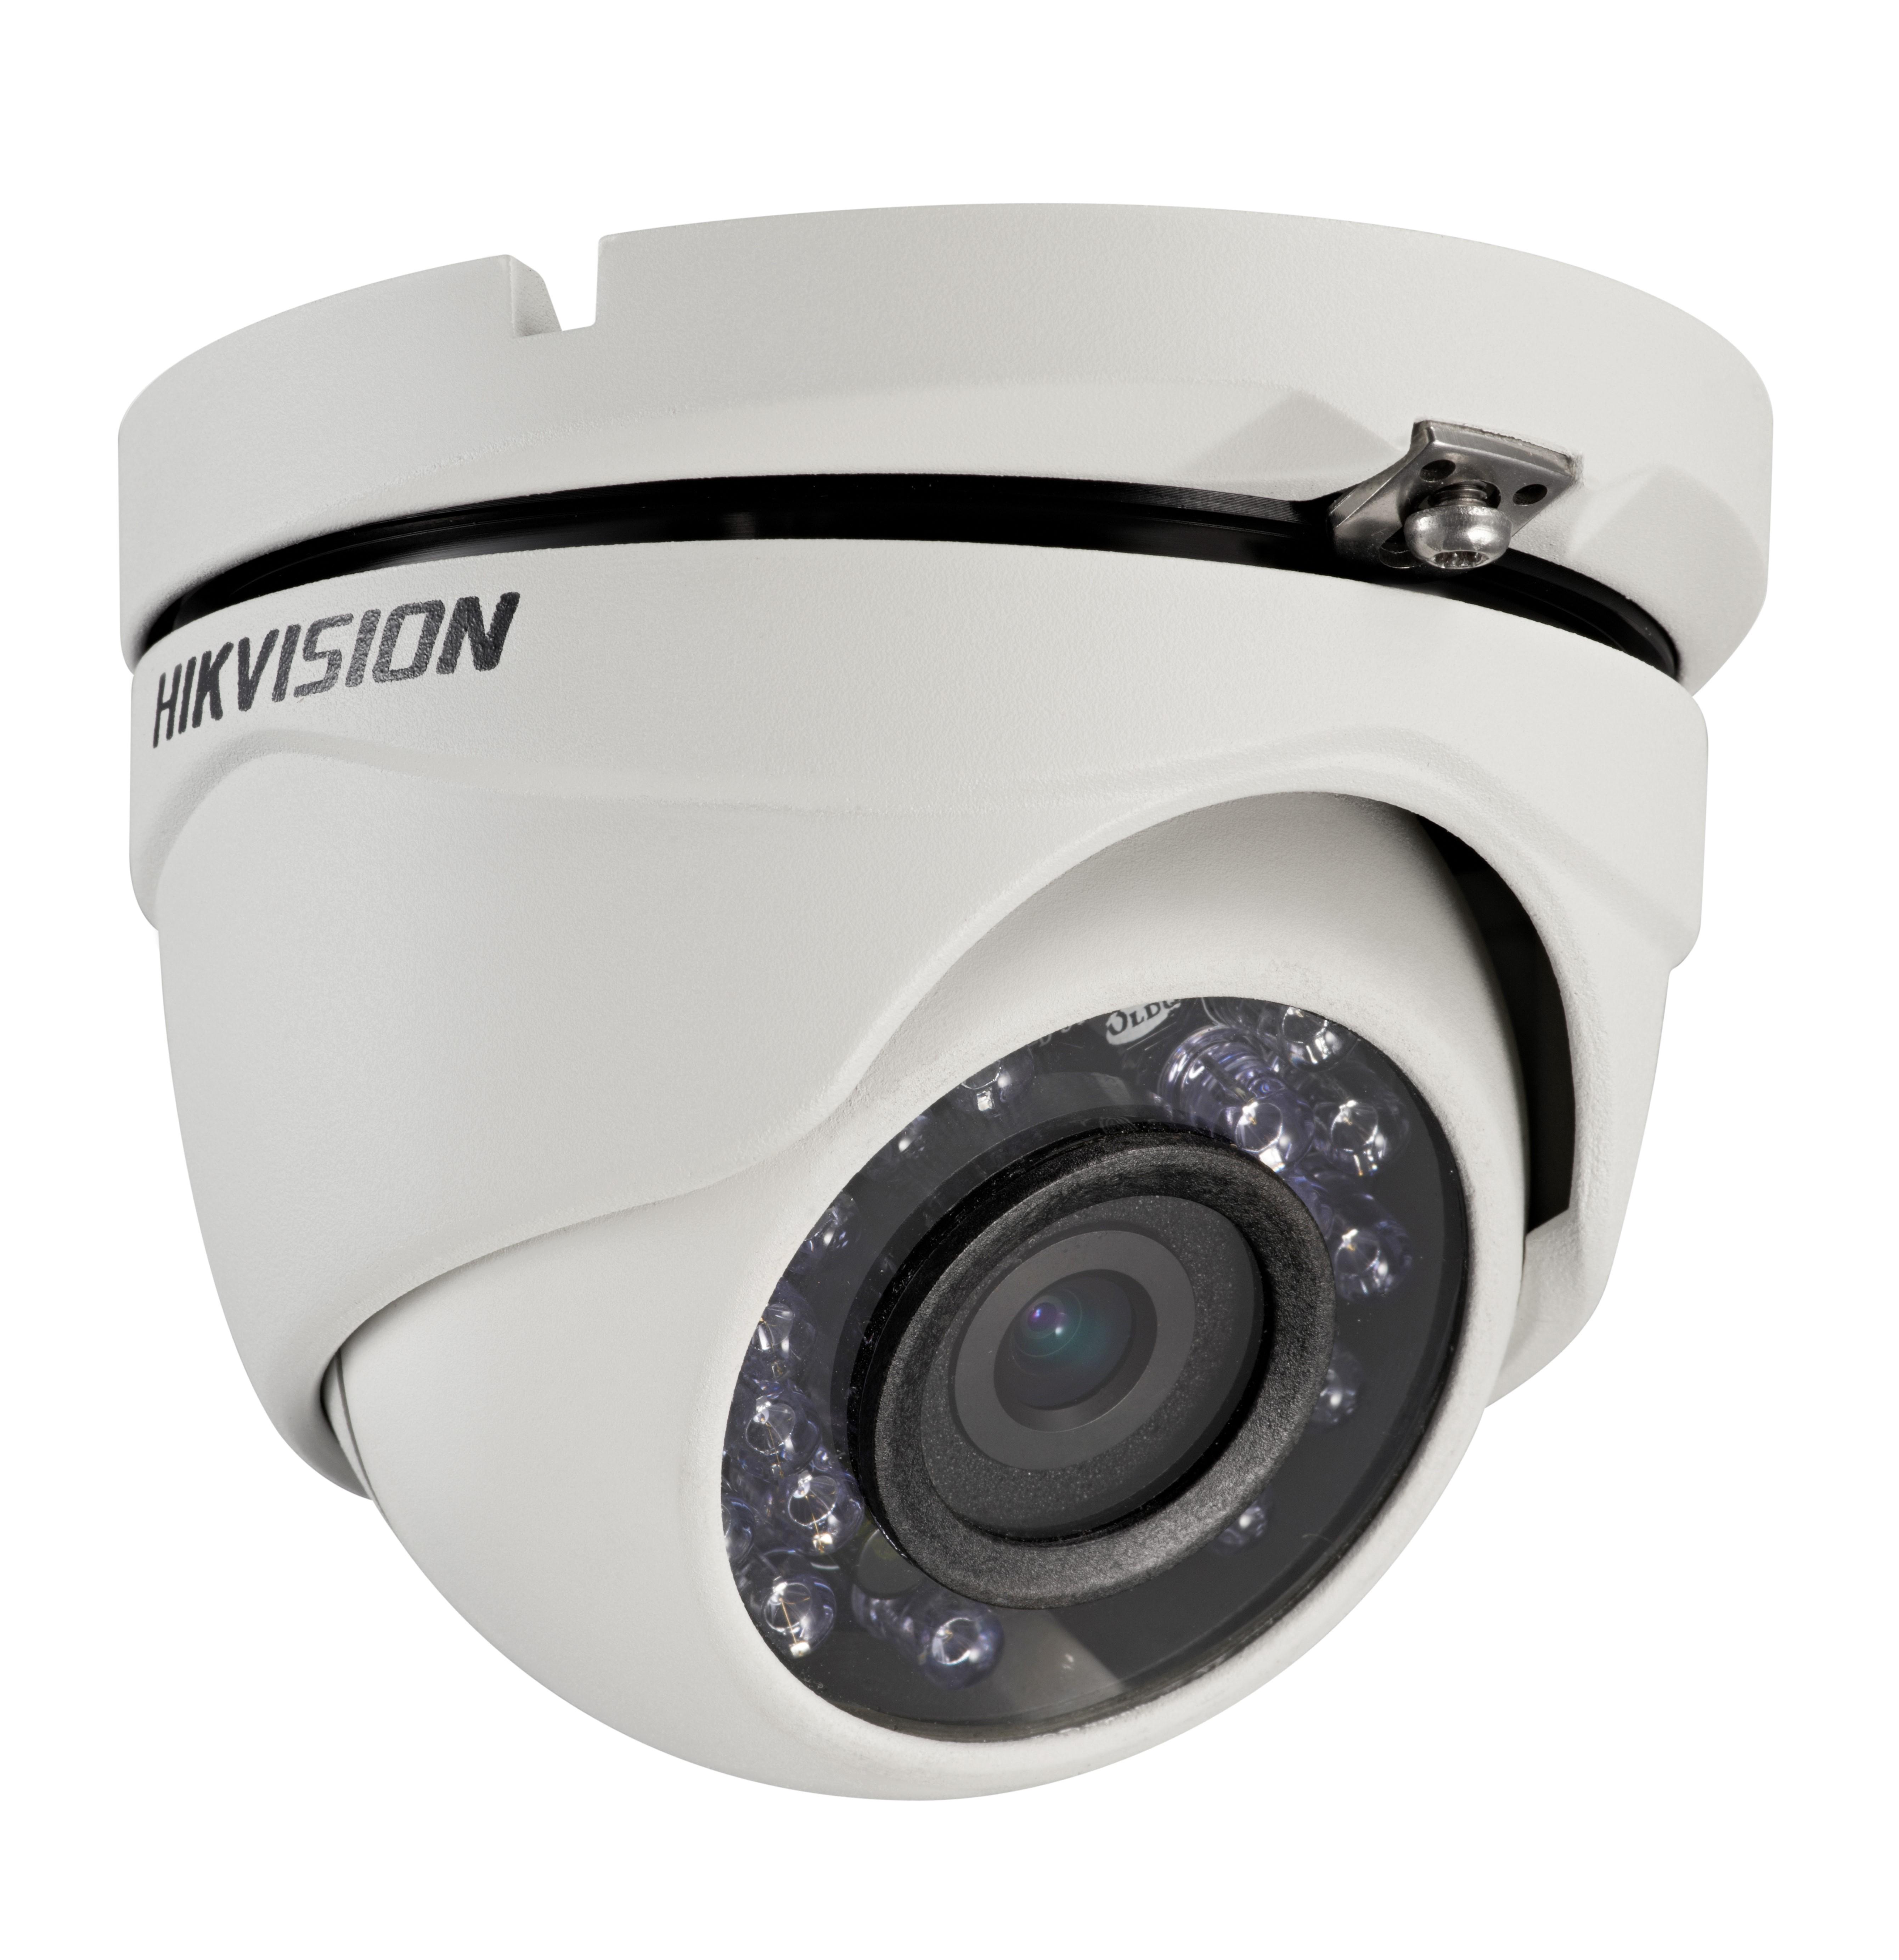 Hikvision DS-2CE56D0T-IRMF 2.8mm